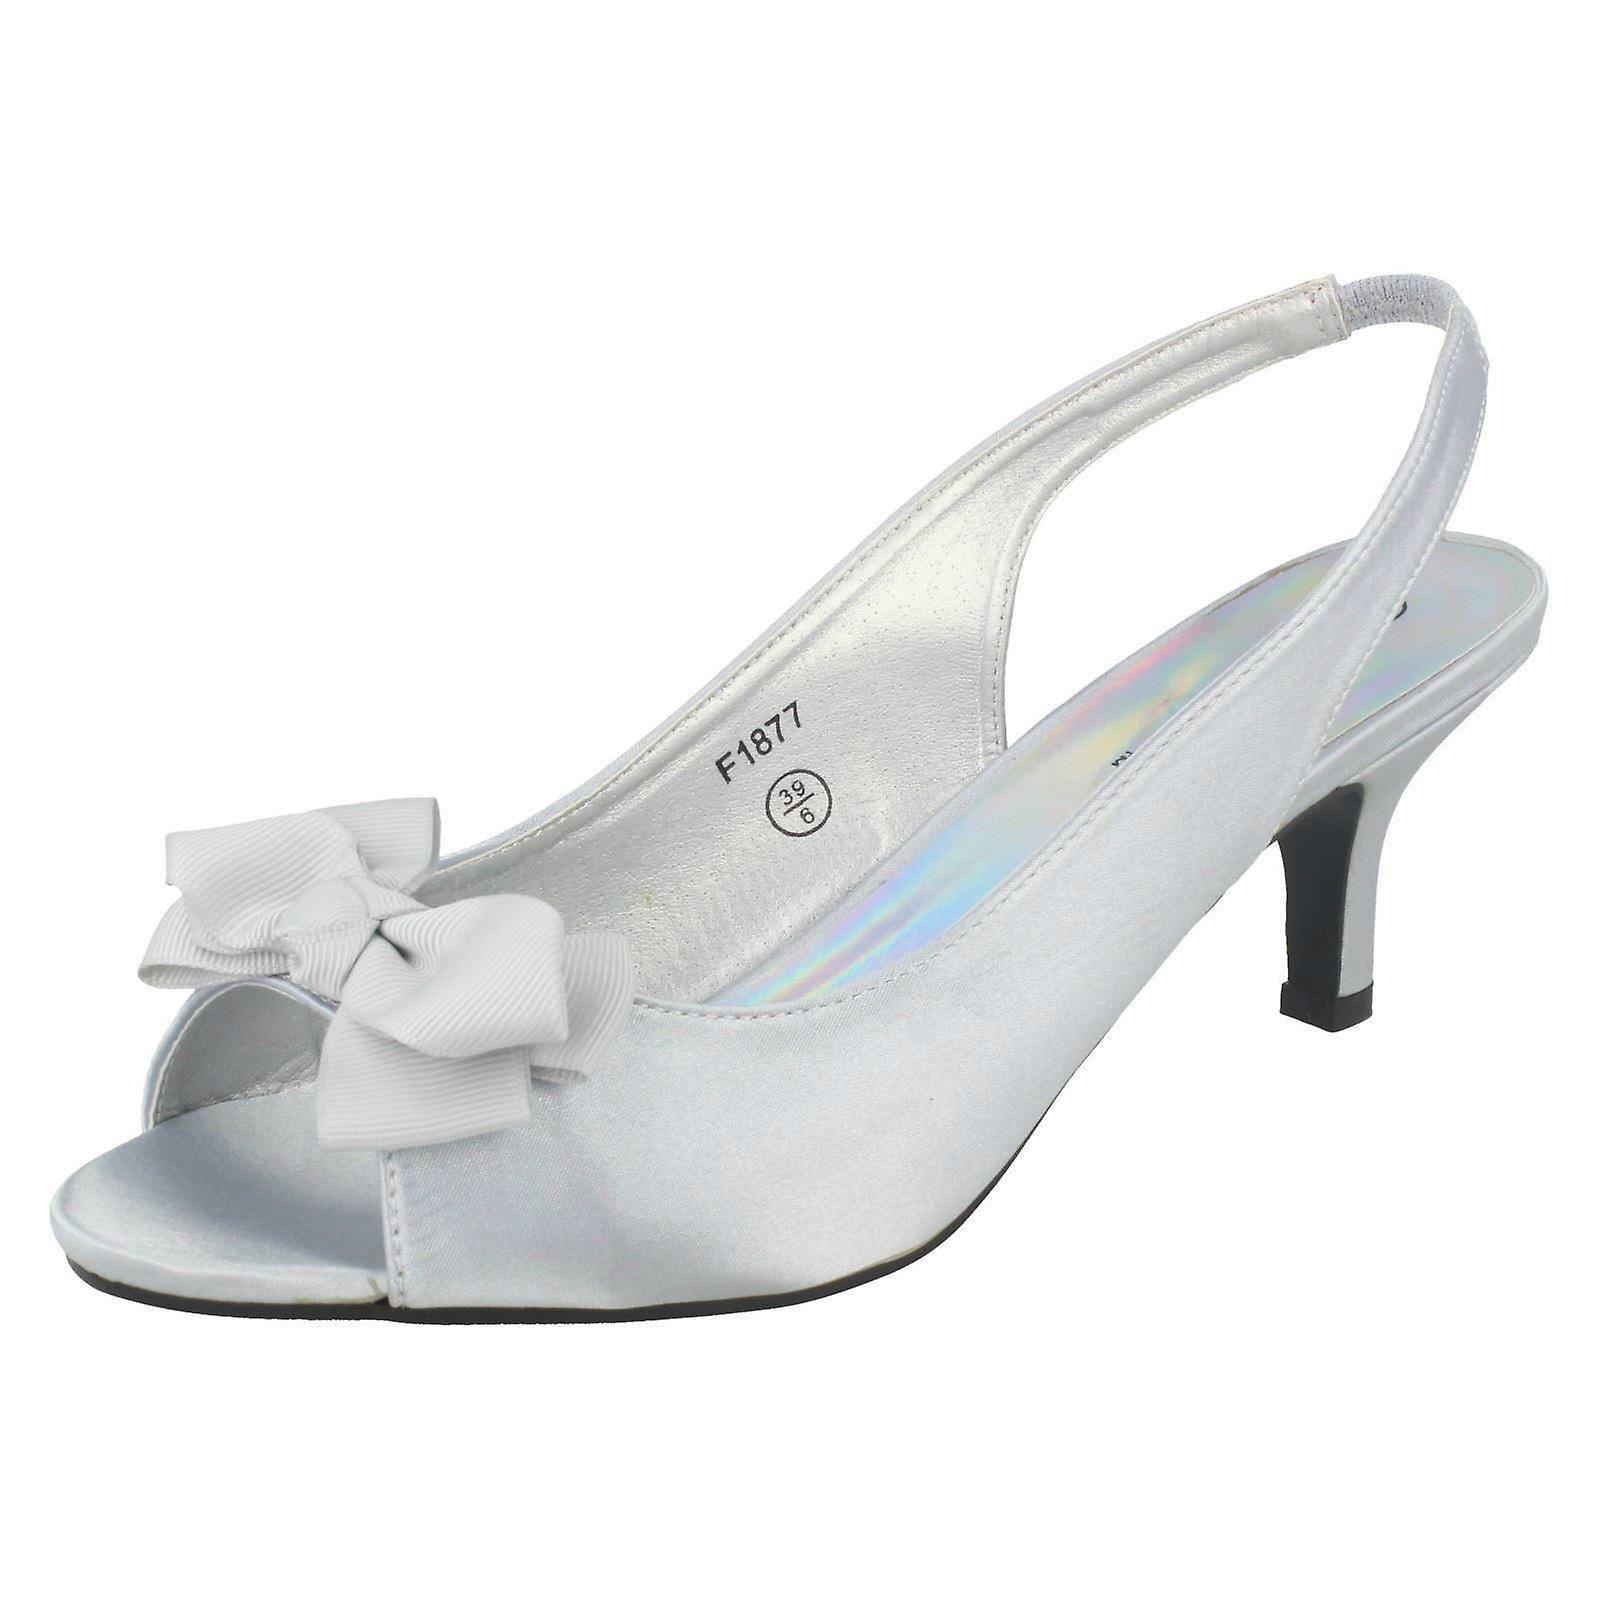 Ladies Spot su Slip su Slingback sandali con tacco